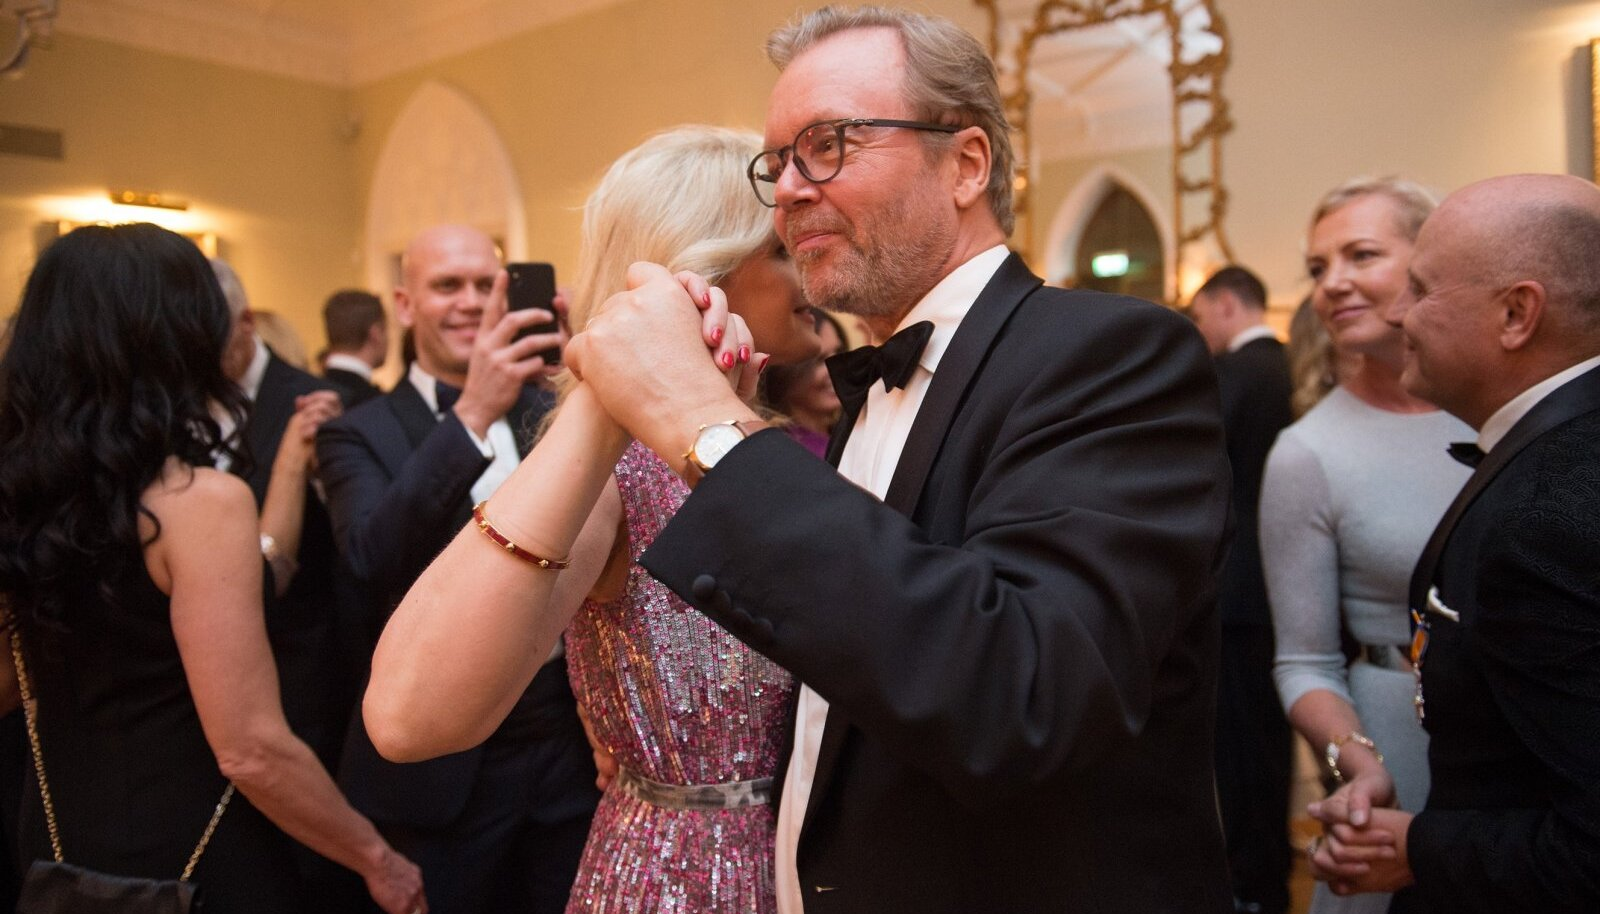 Suurettevõtja Joakim Helenius koos abikaasa Evelyga tantsuhoos